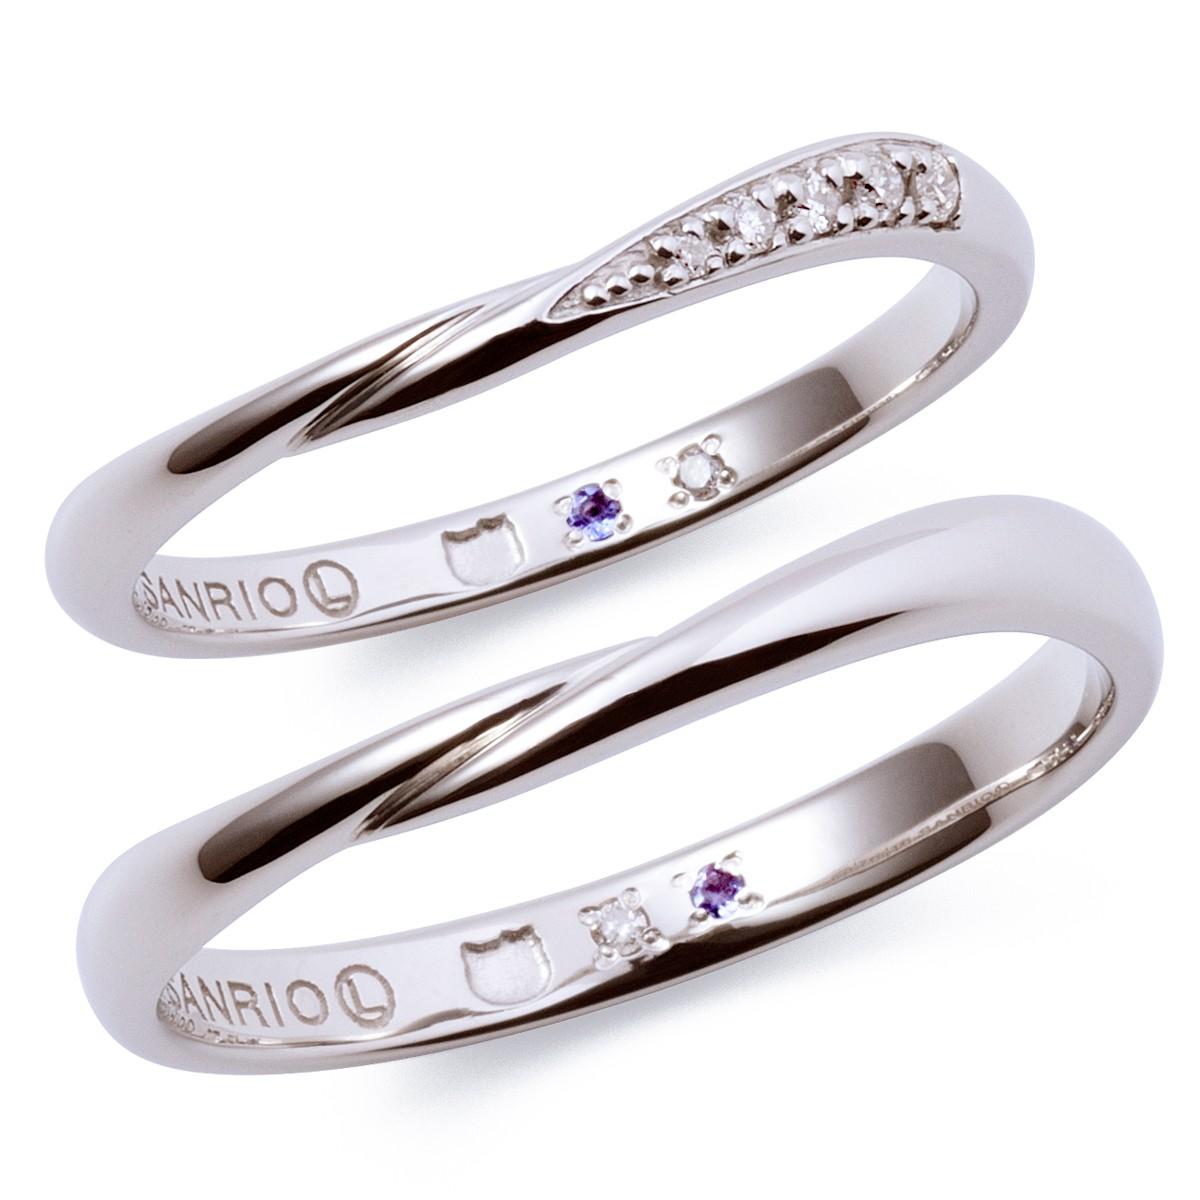 シンプル 結婚指輪のKT-7061117042-7061117052